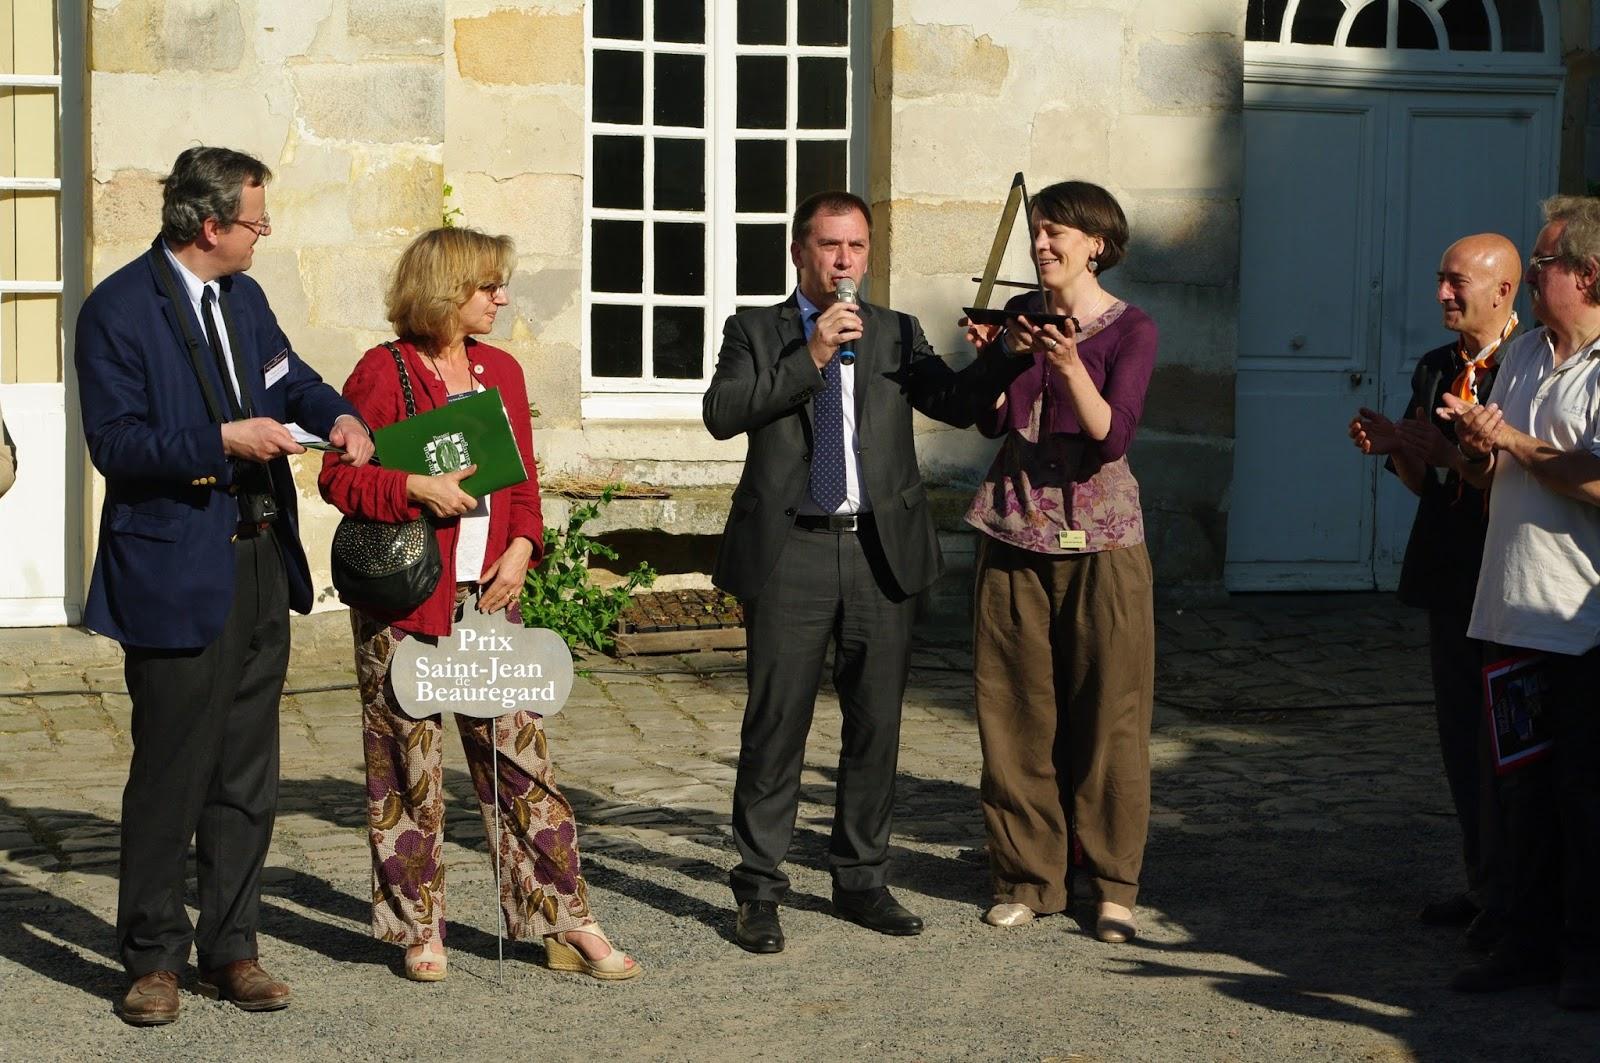 La blogazette des ulis et du hurepoix on a fait la fete en pays de limours juin 2013 - Chambre des metiers essonne ...